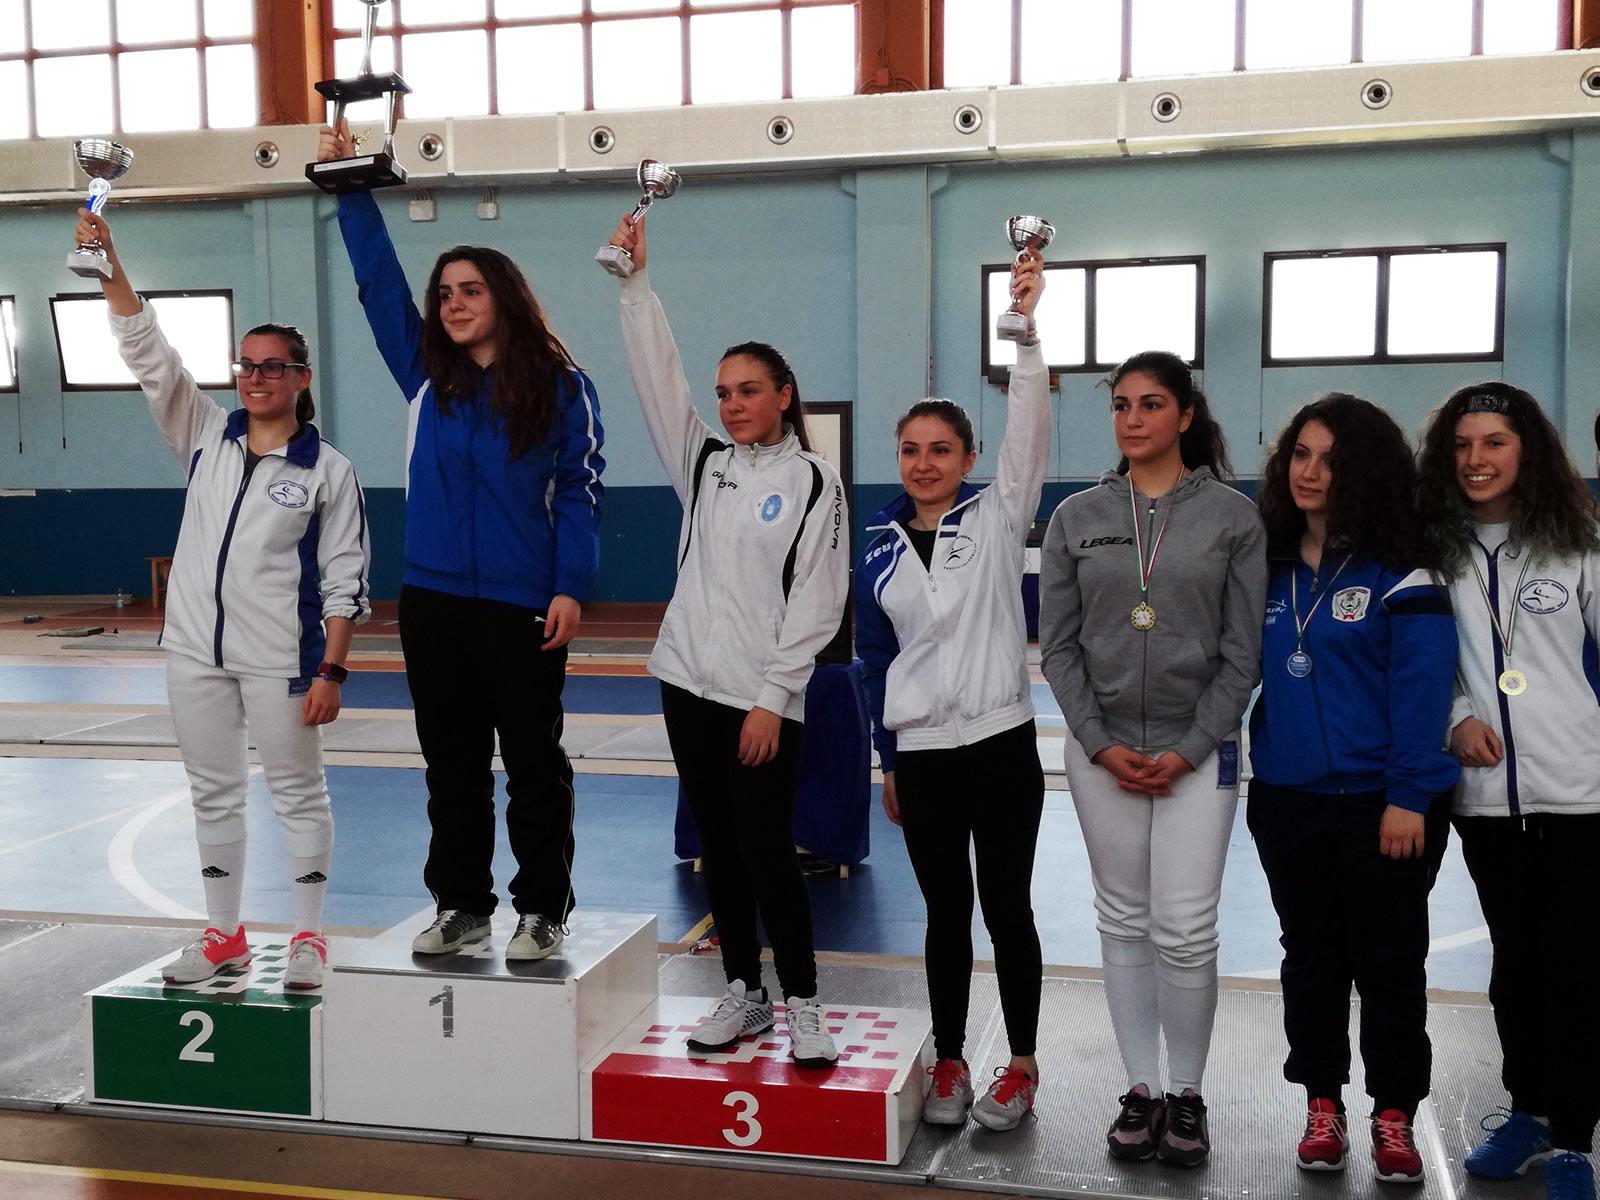 Coppa Calabria 2018 podio spada femminile